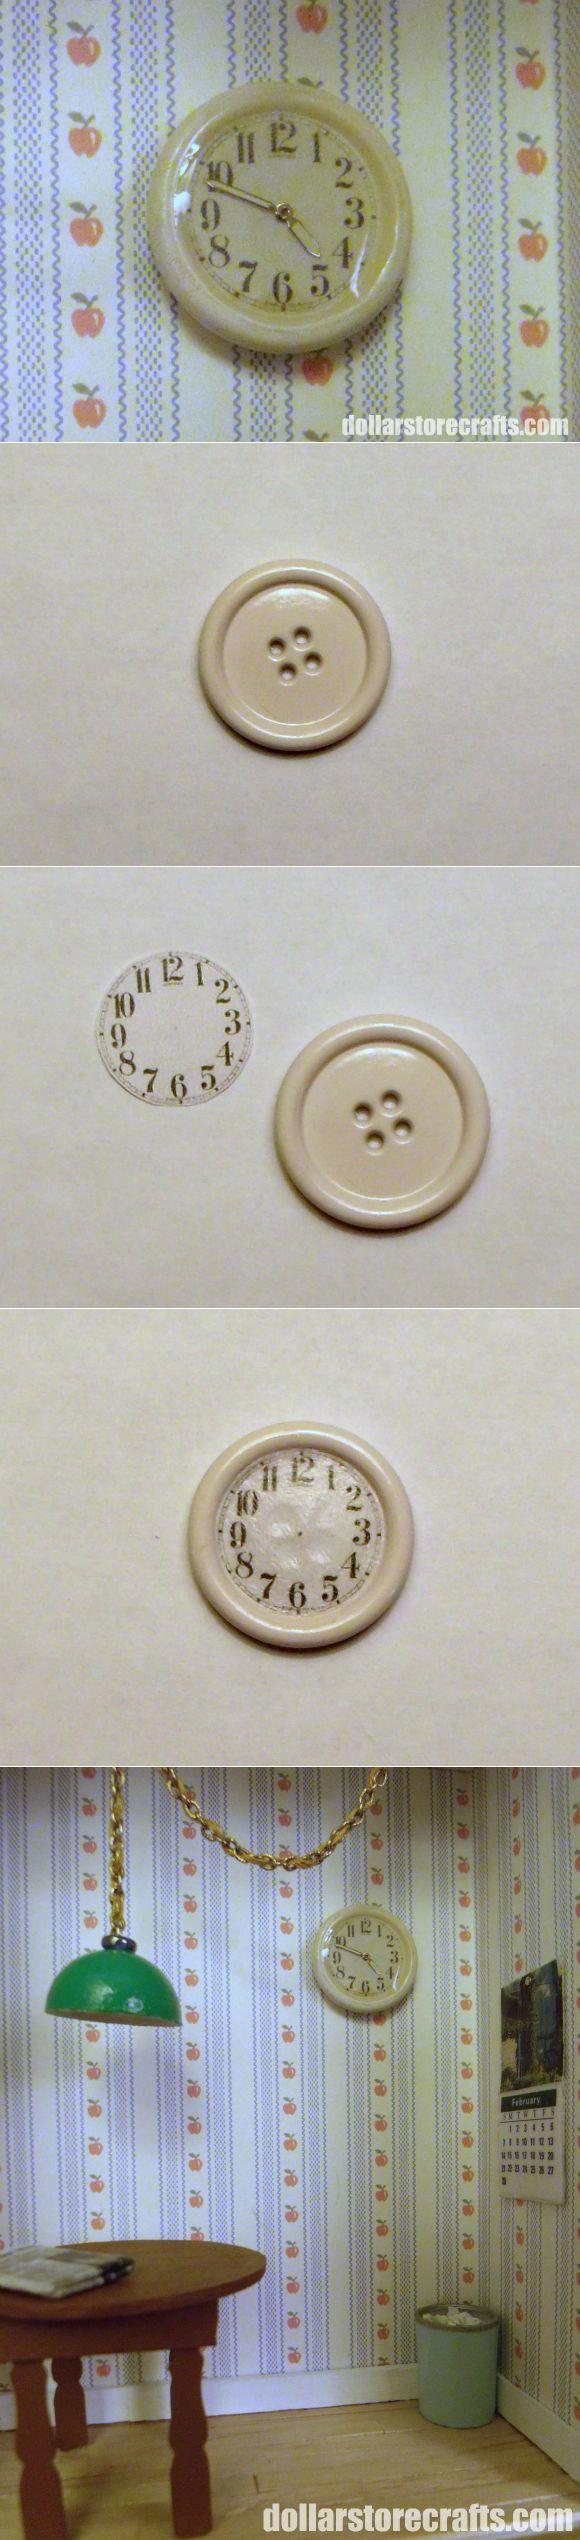 Настенные часы в кукольный дом Button into Clock